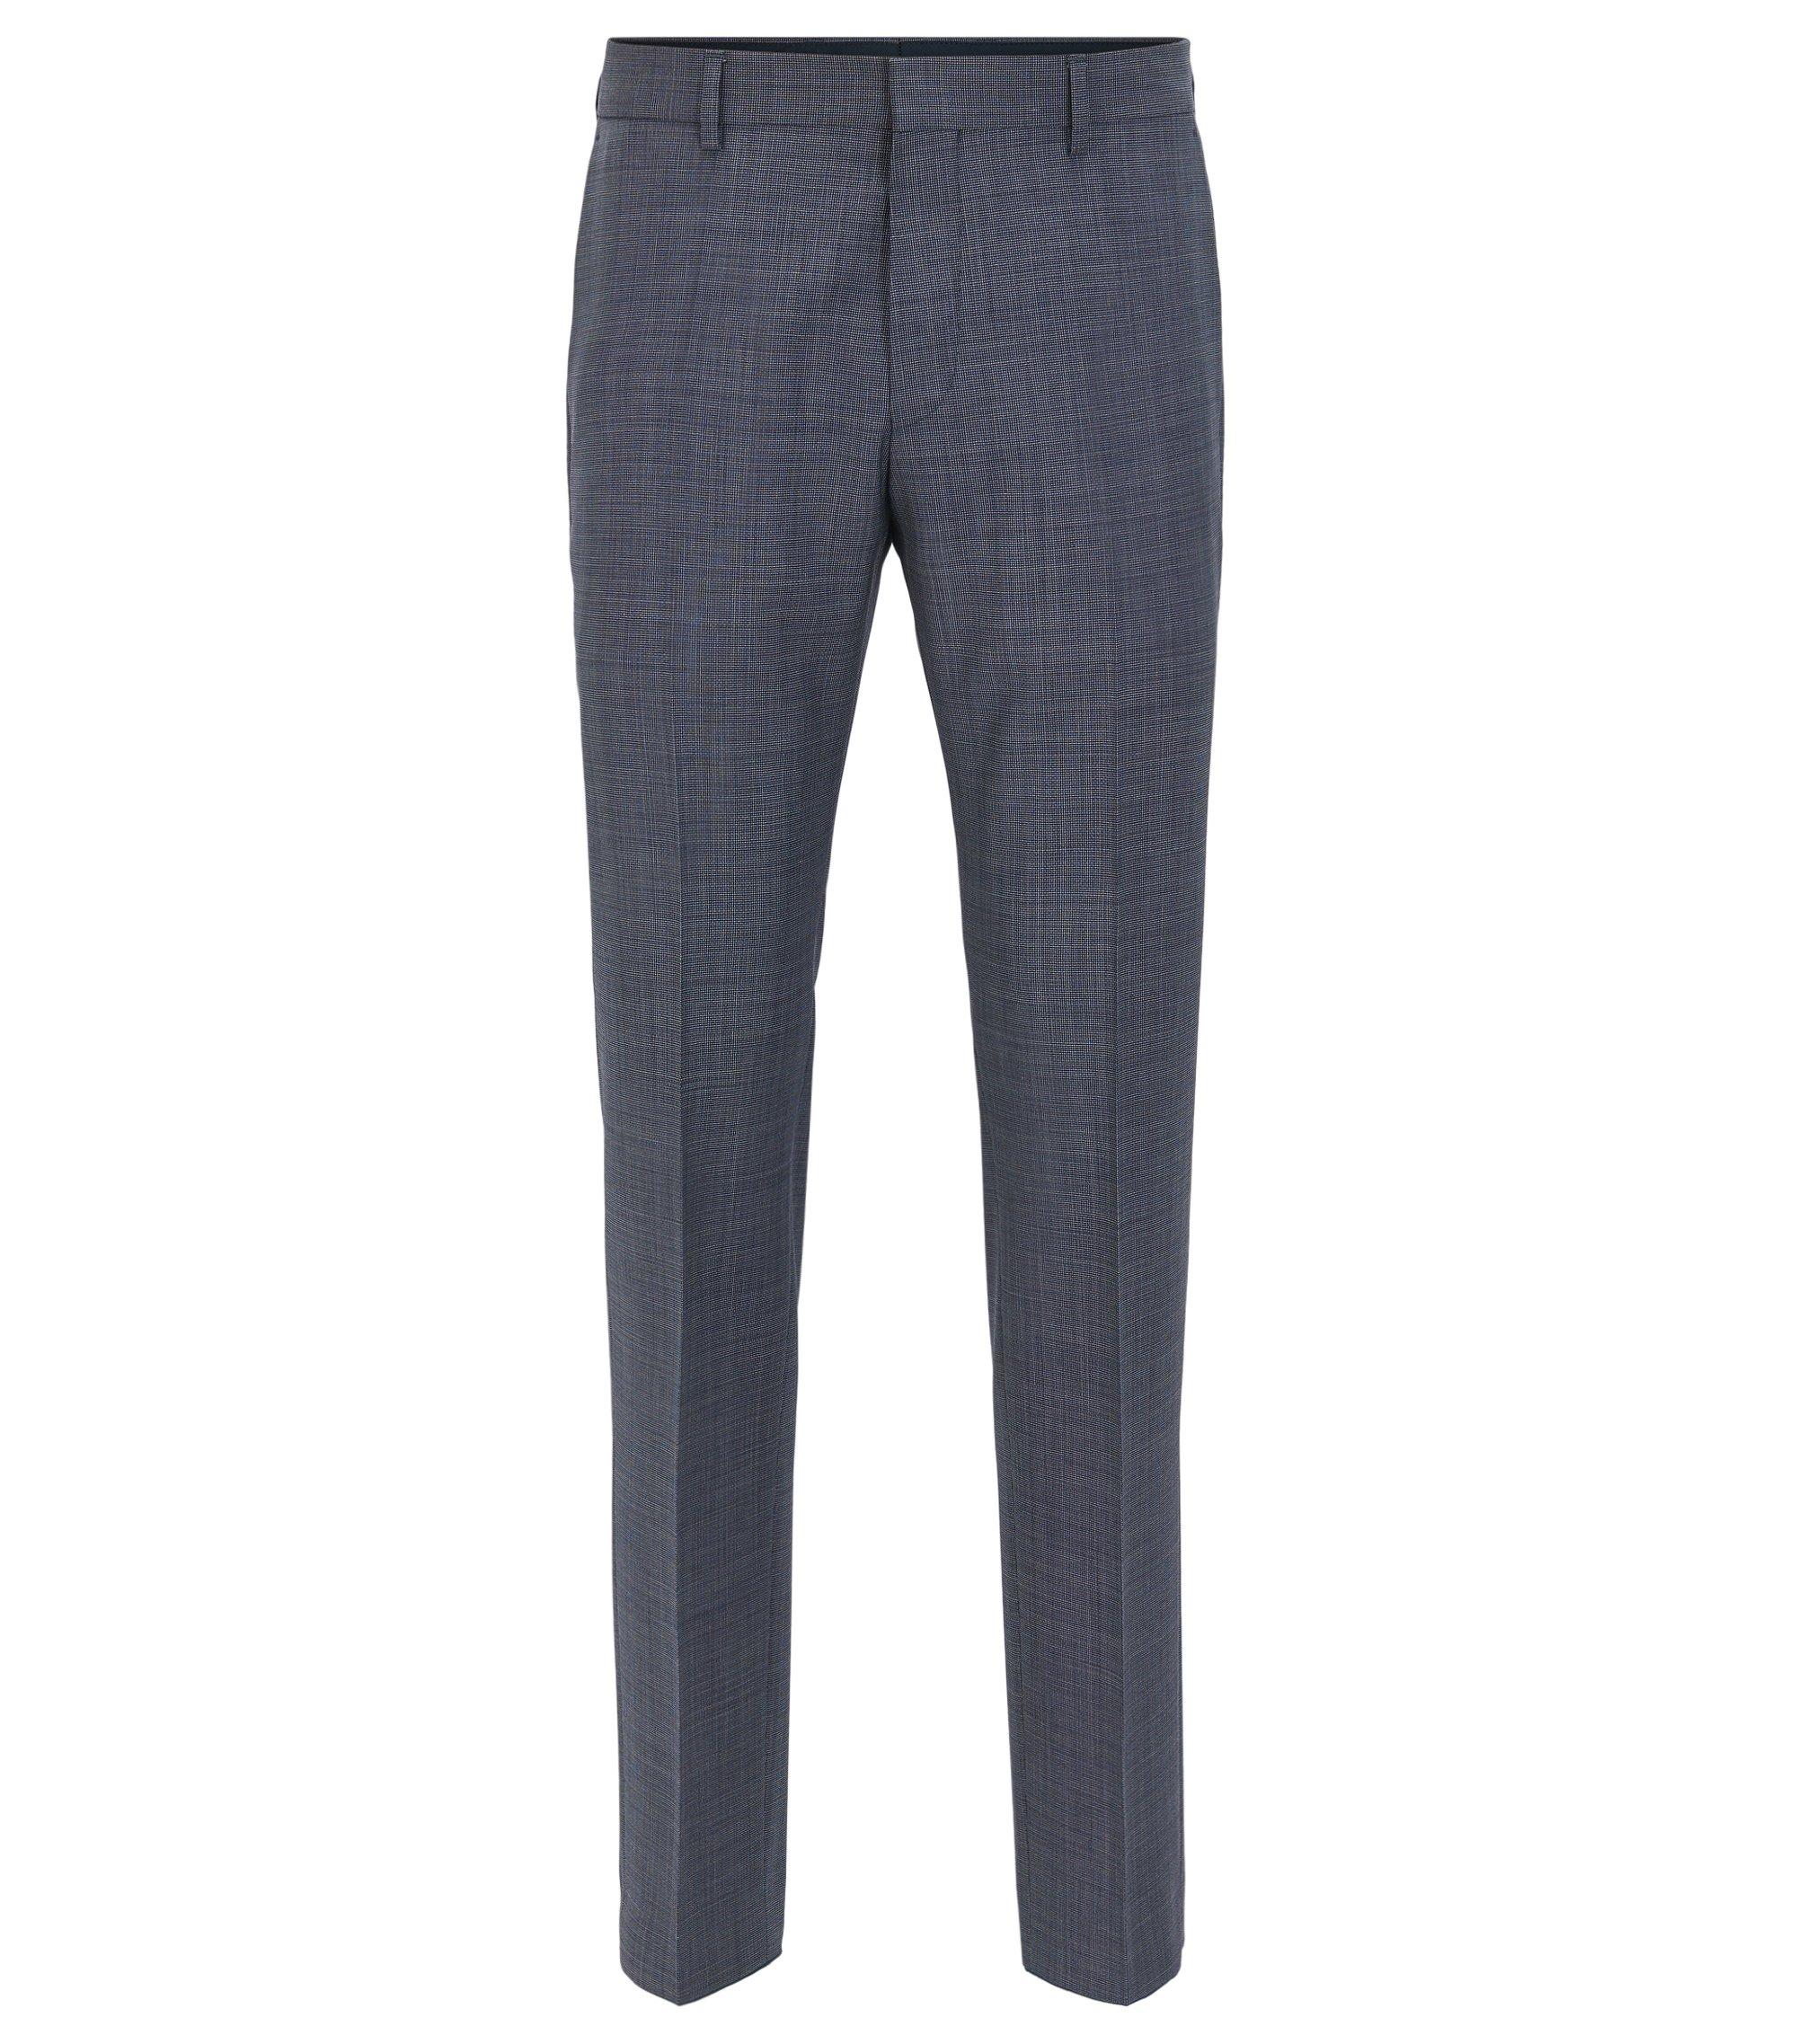 Virgin Wool Dress Pant, Slim Fit | Genesis, Turquoise